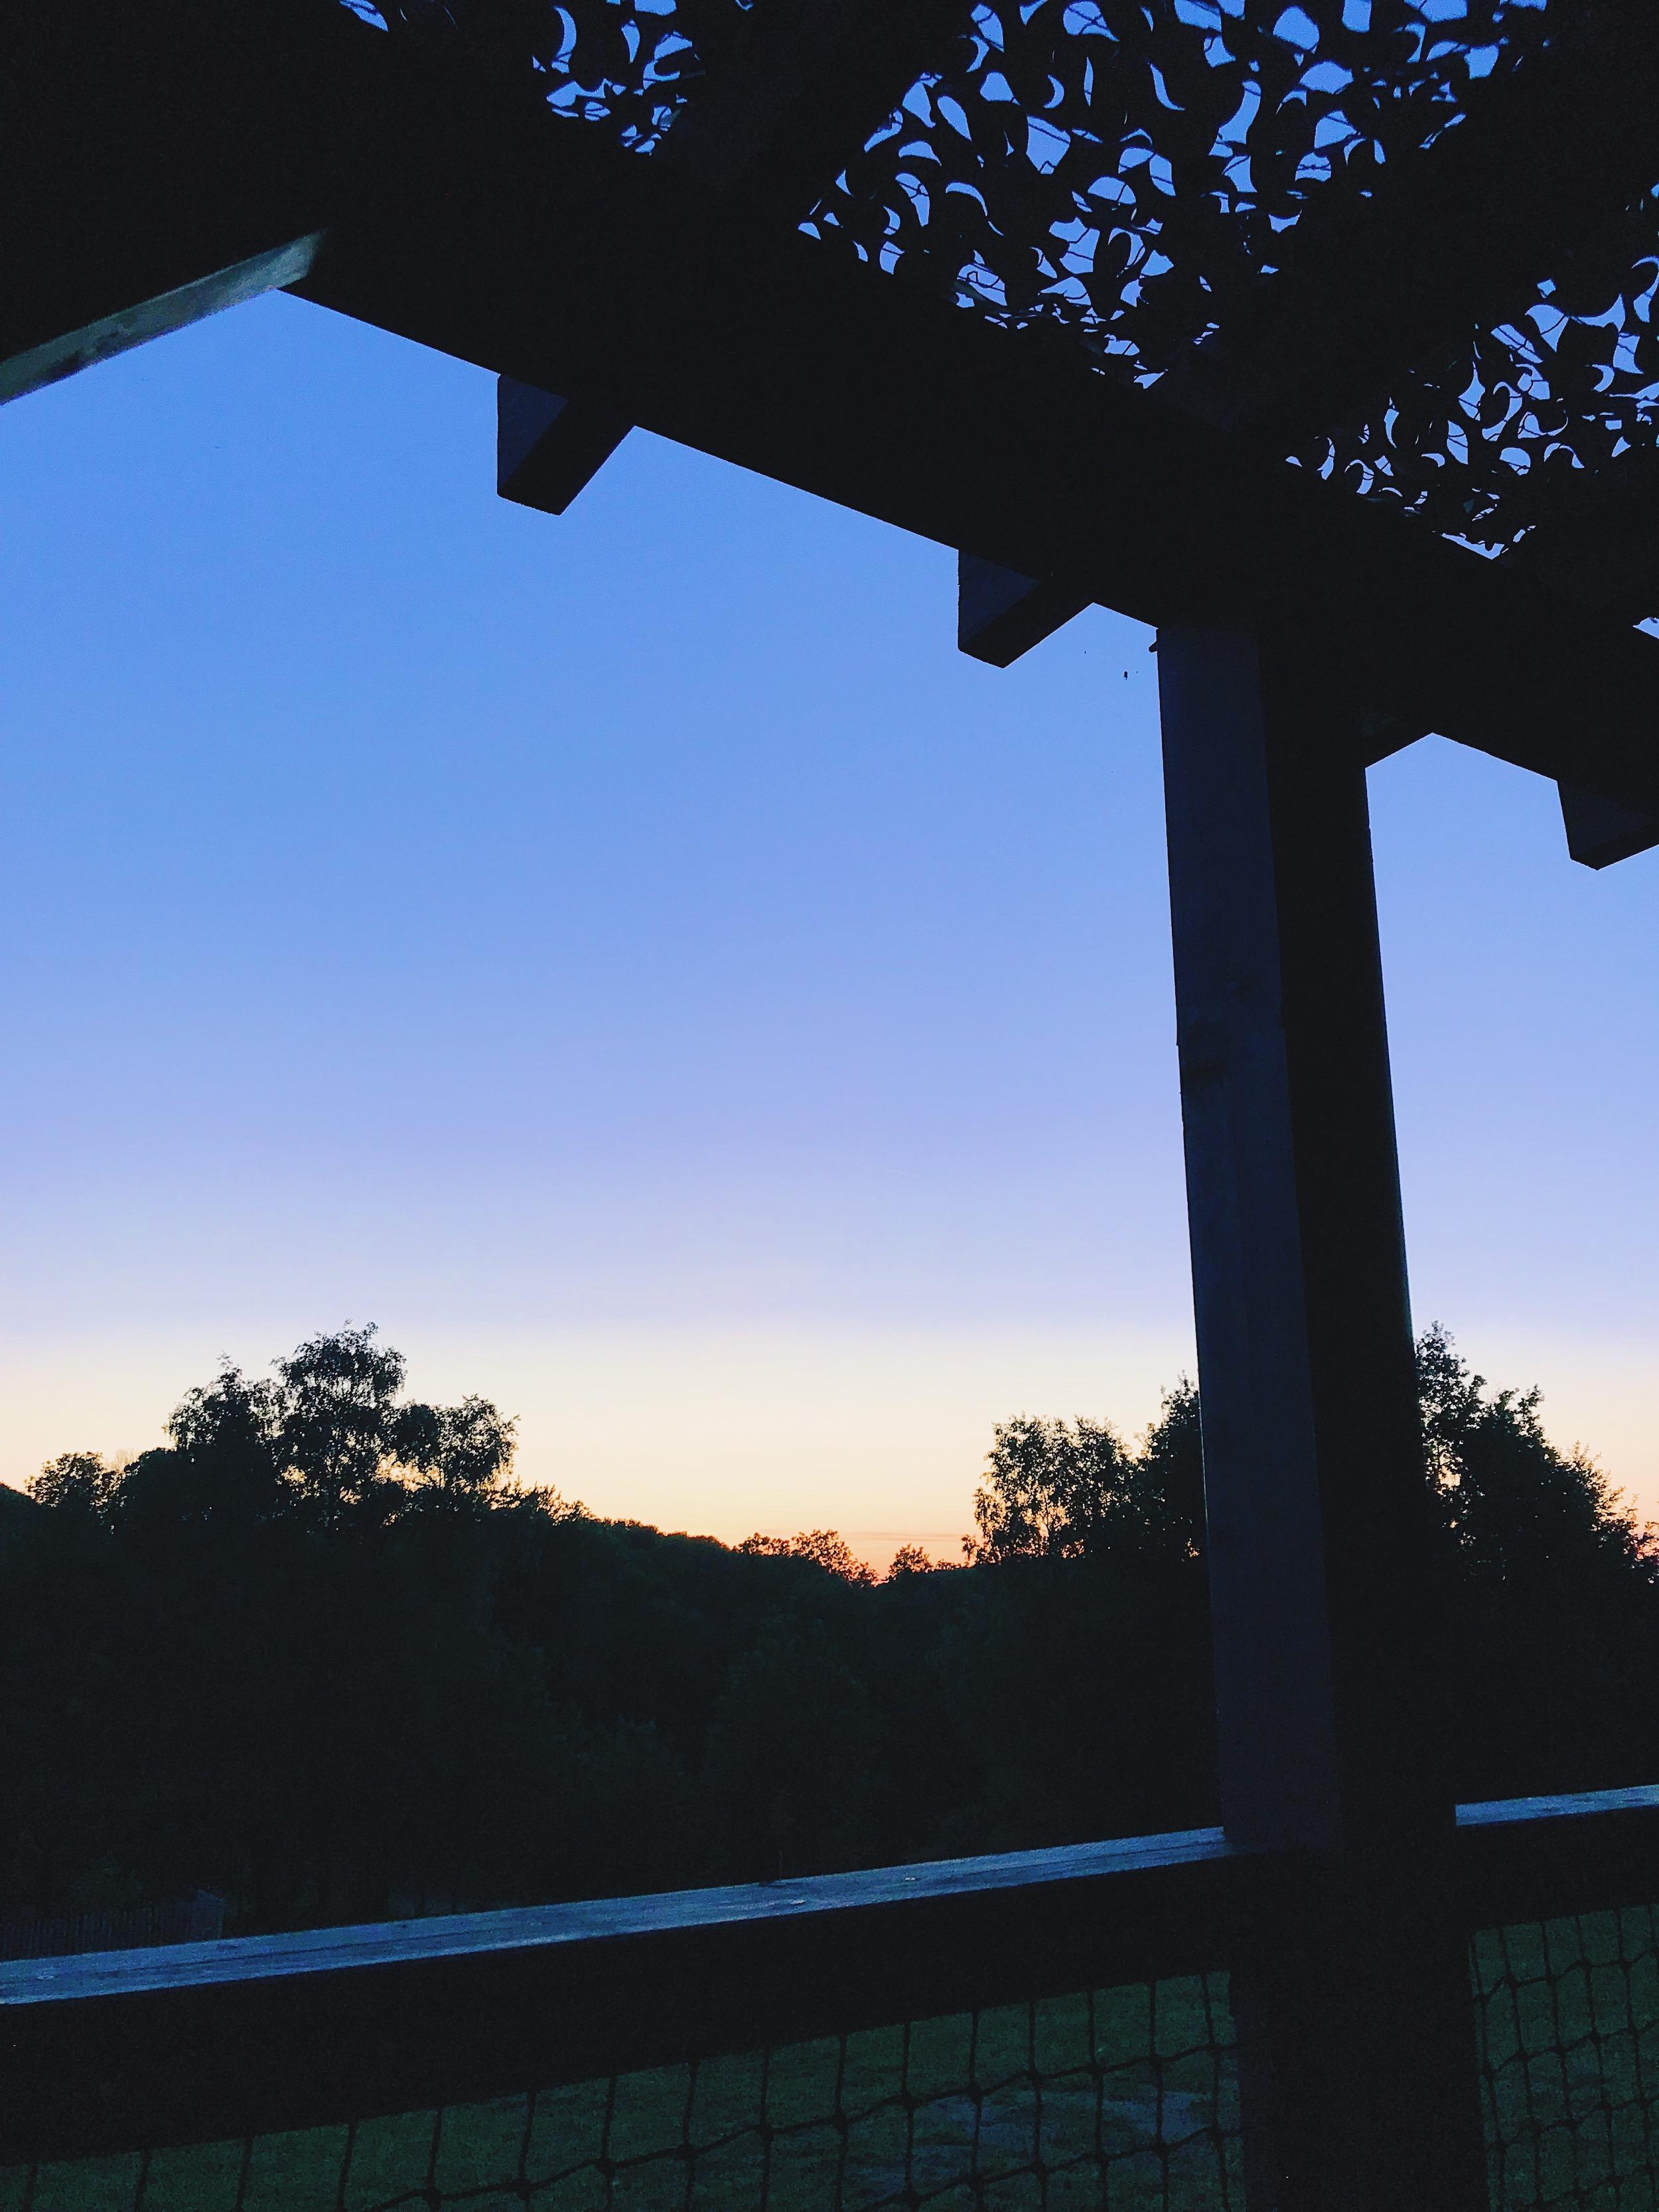 cabane-dans-les-arbres-correze